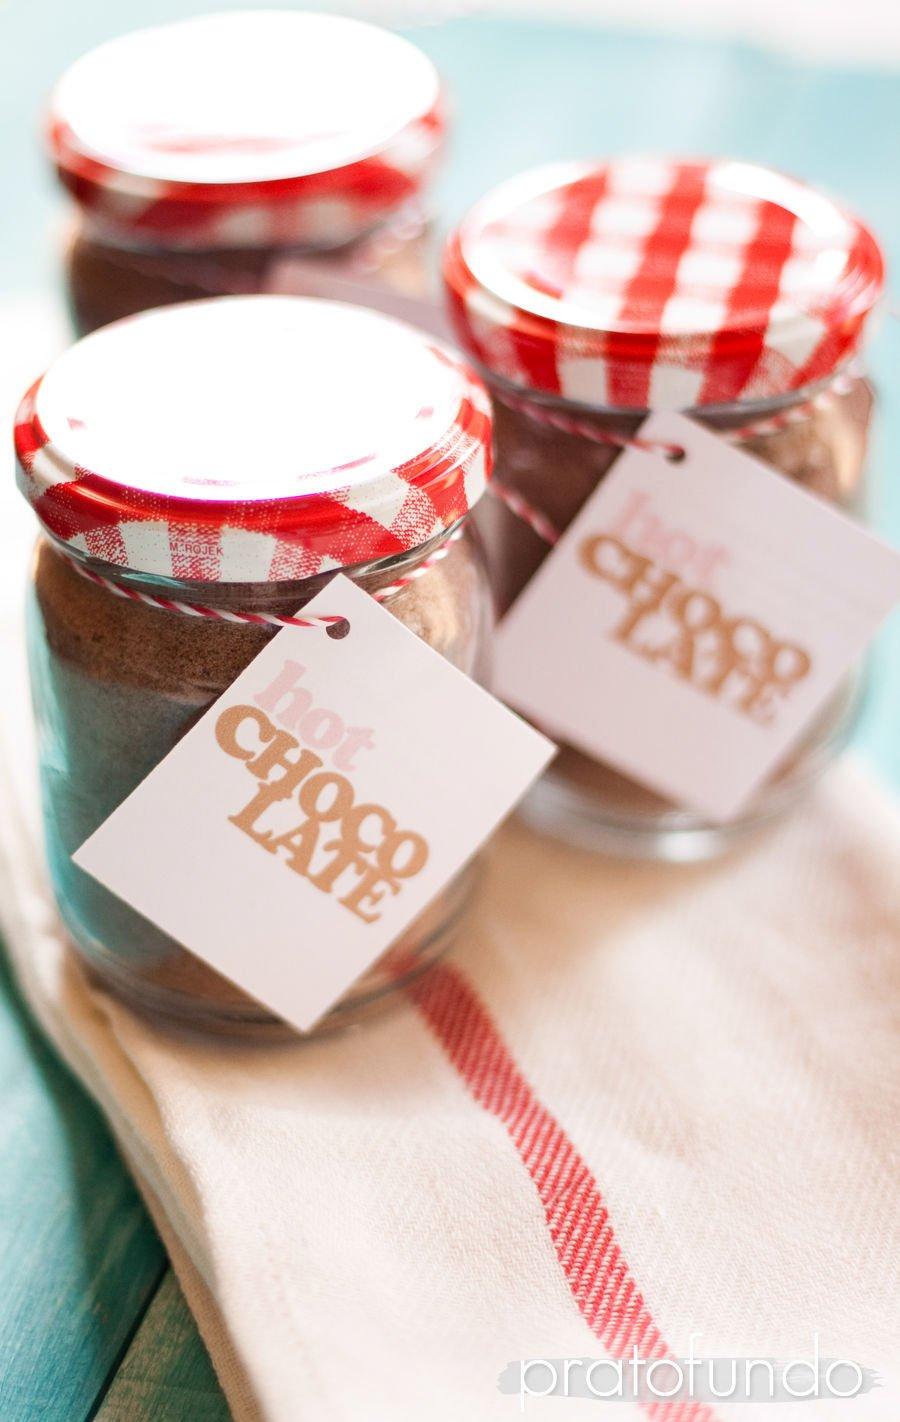 Pote de vidro com preparado de chocolate quente sobre pano de prato